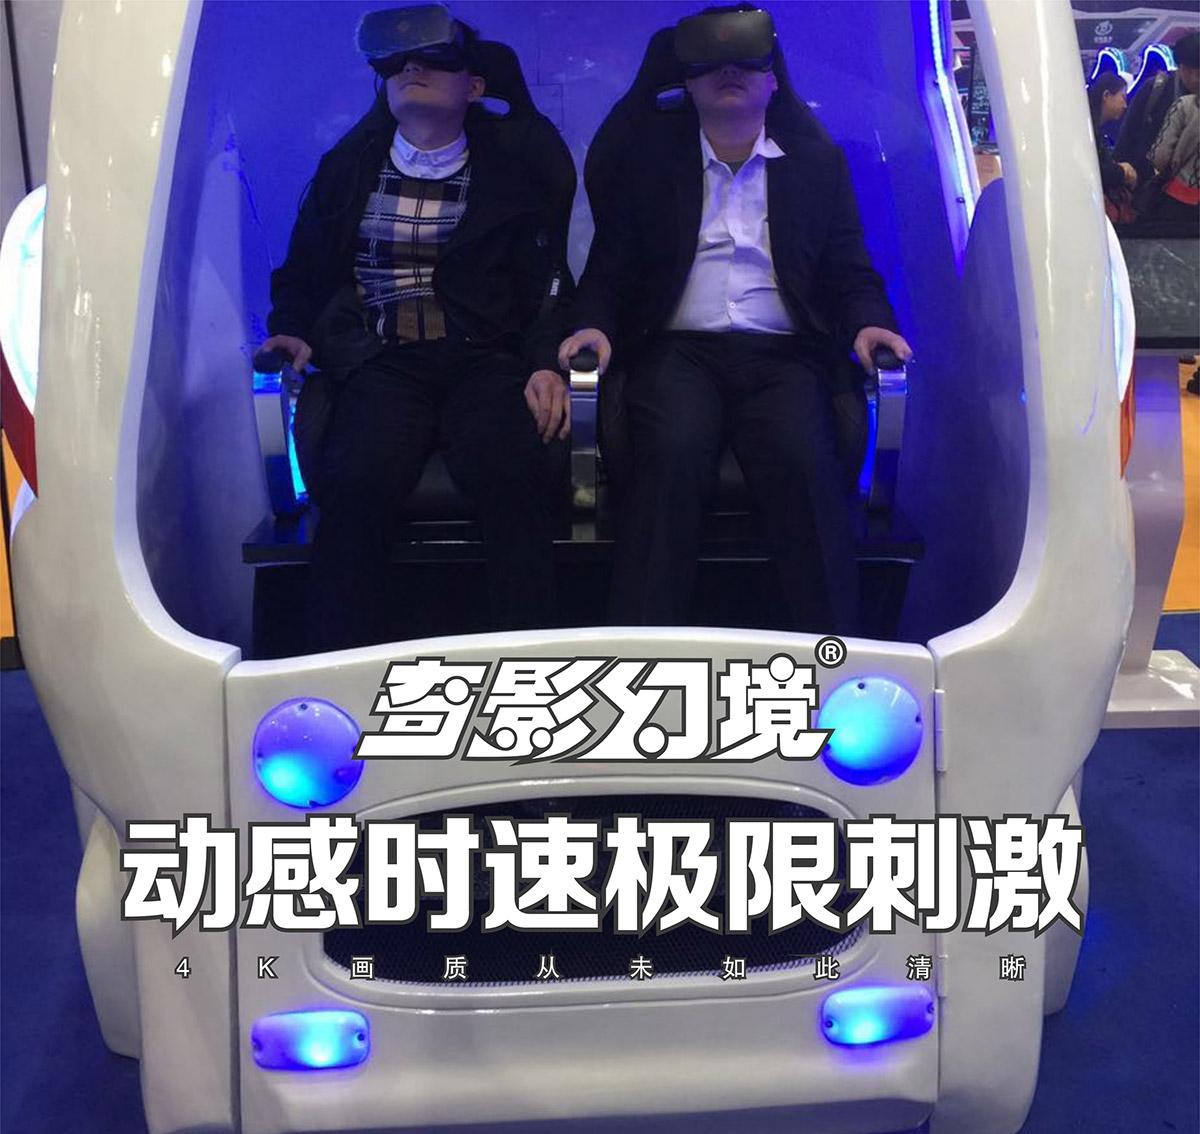 安全体验VR太空舱动感时速极限刺激.jpg